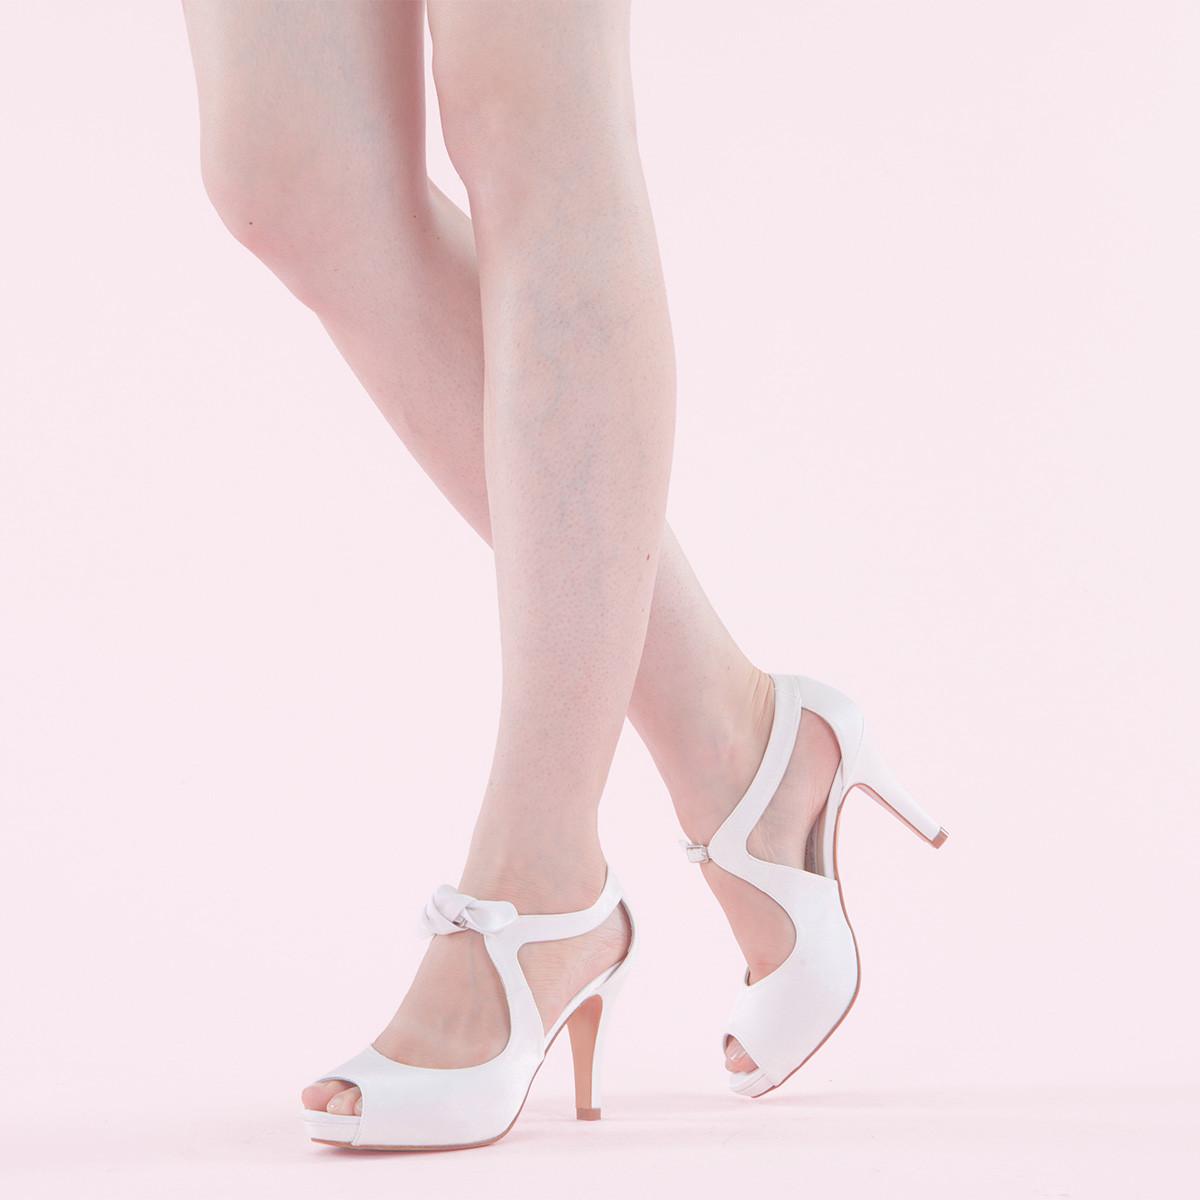 couleurs délicates nouveau style et luxe prix de liquidation chaussure mariage pied large